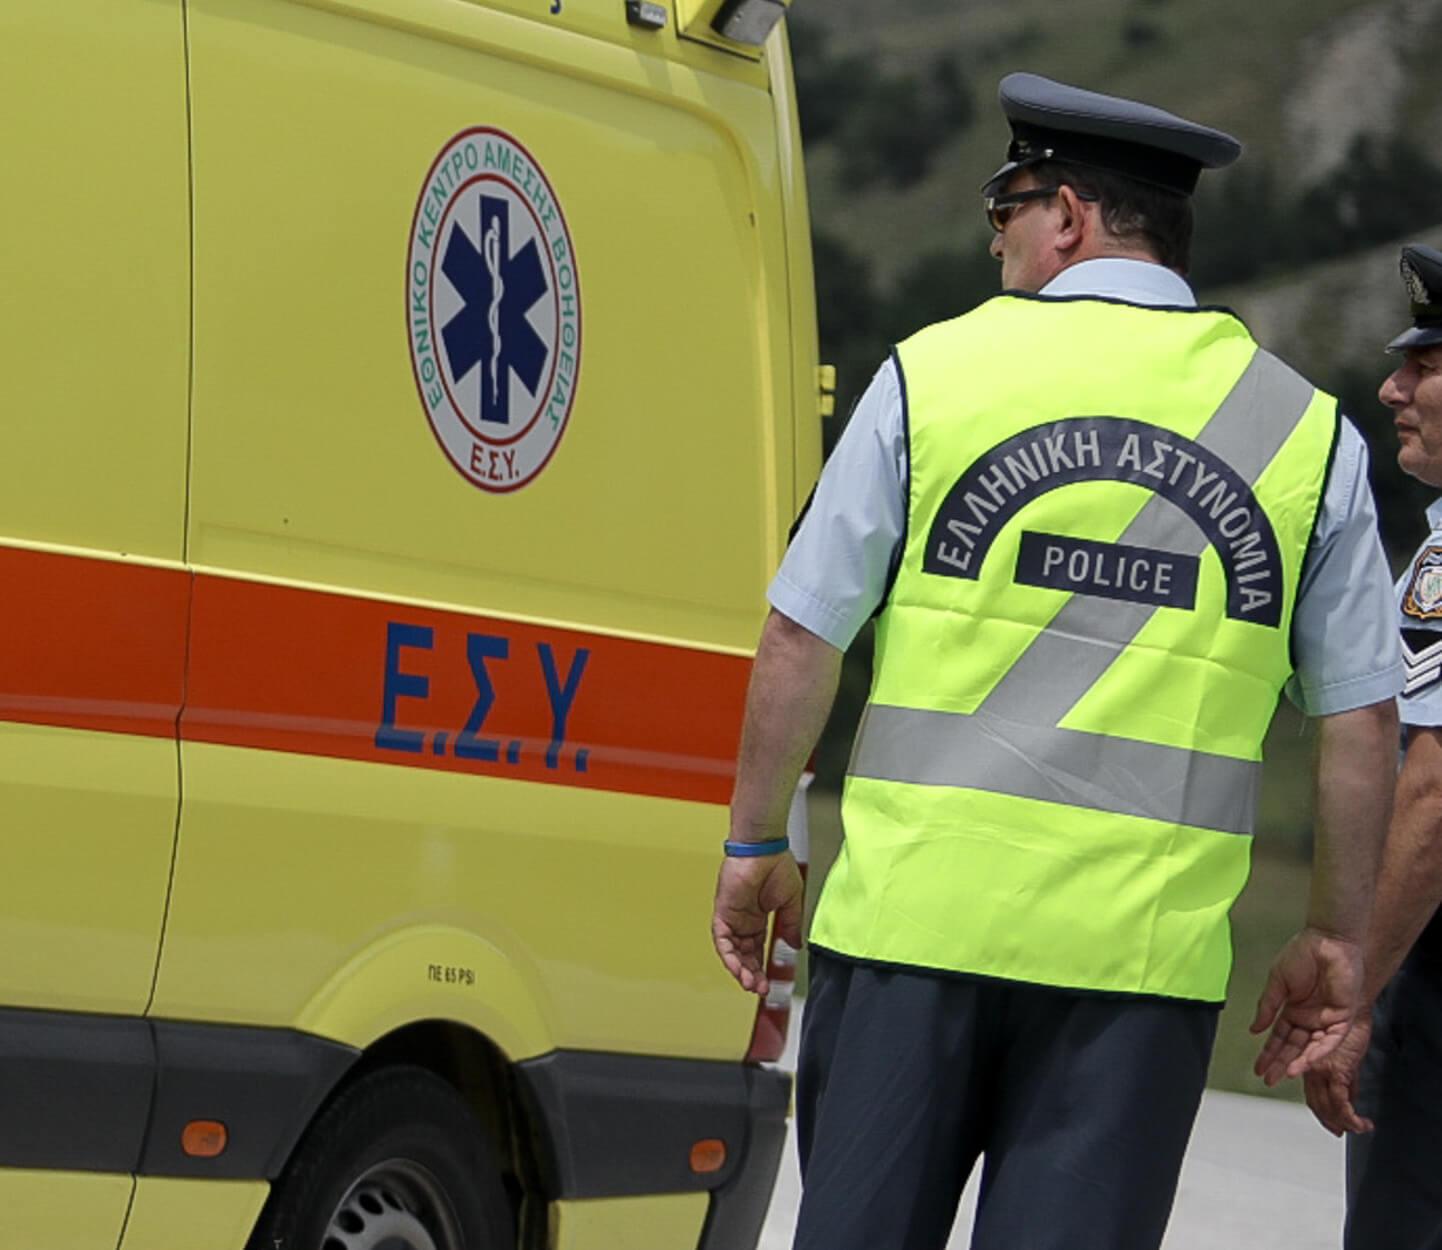 Σοβαρό τροχαίο στο Ρέθυμνο – Εγκλωβίστηκαν 4 άτομα